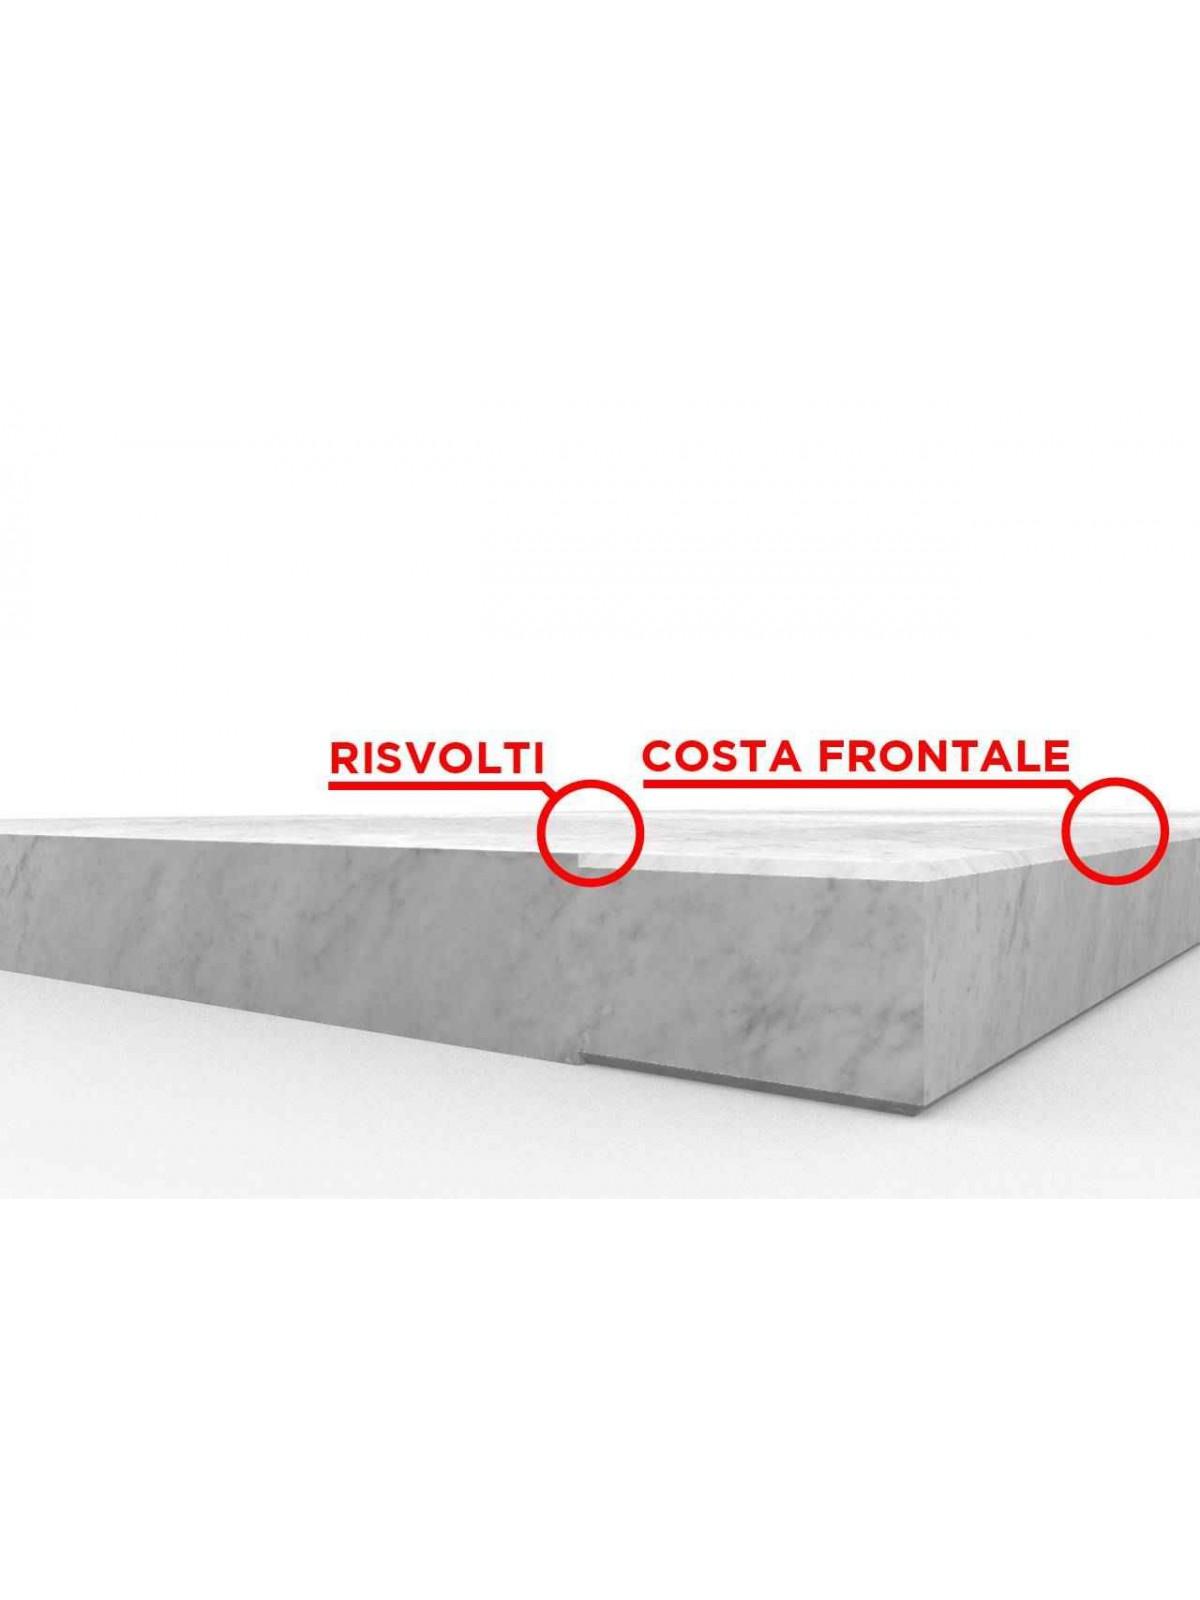 Carrara White Threshold